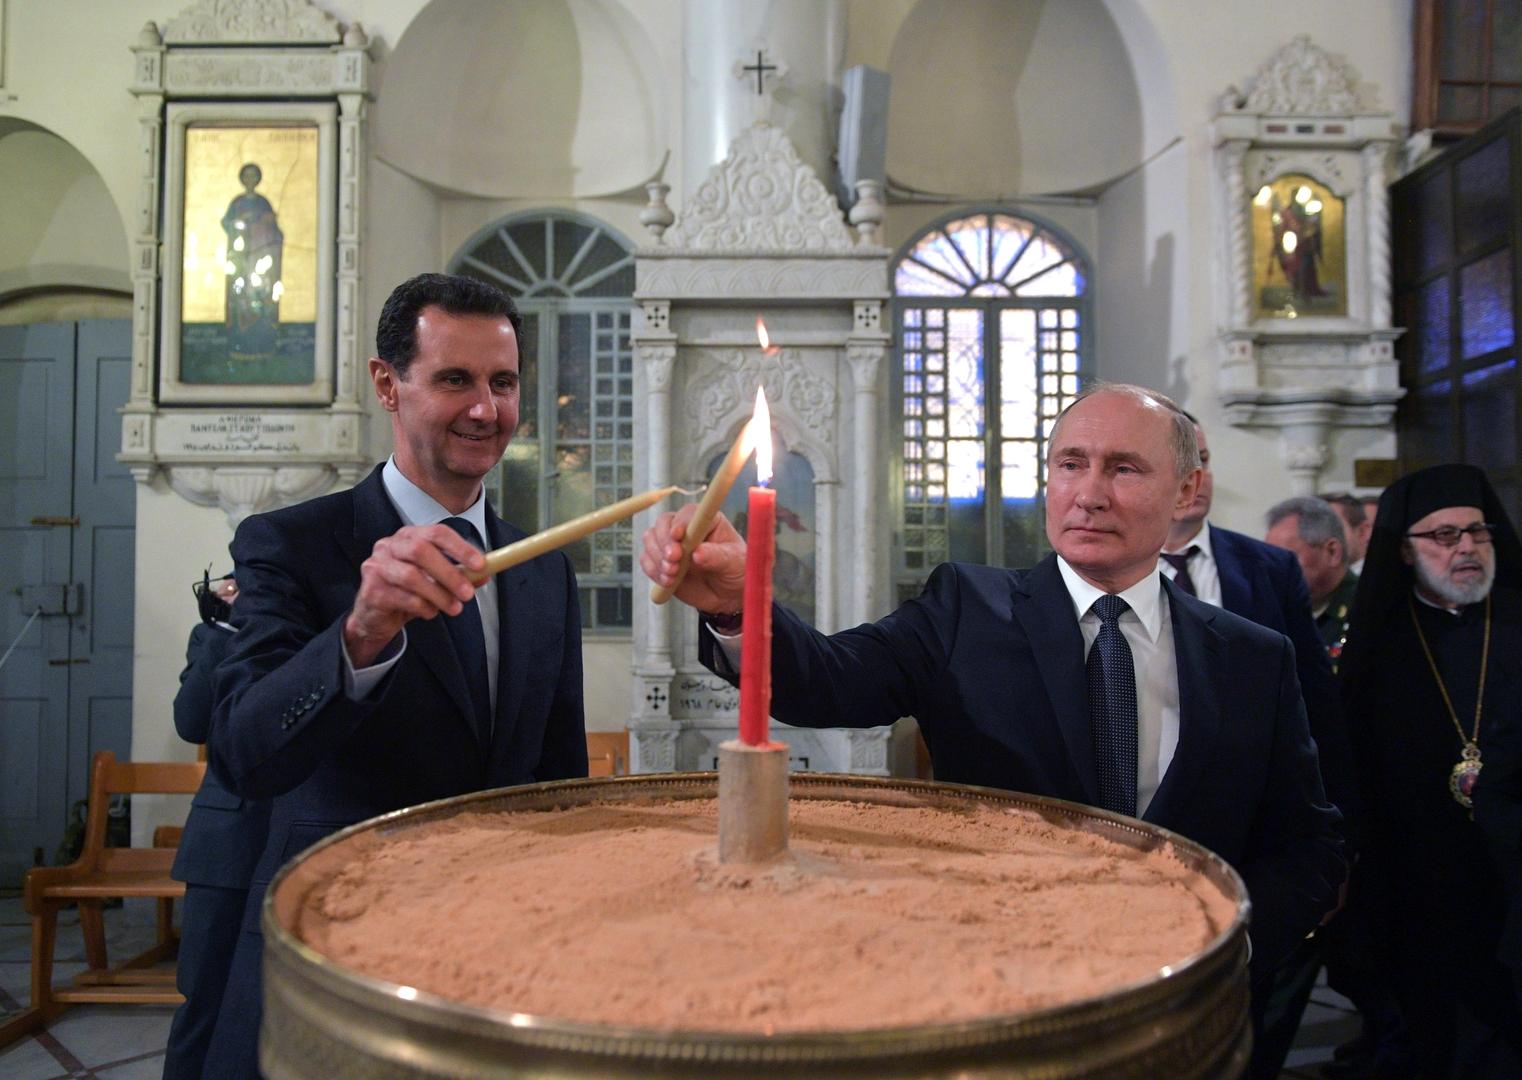 بالفيديو.. بوتين يقترح على الأسد دعوة ترامب إلى دمشق.. ماذا كان رد الرئيس السوري؟